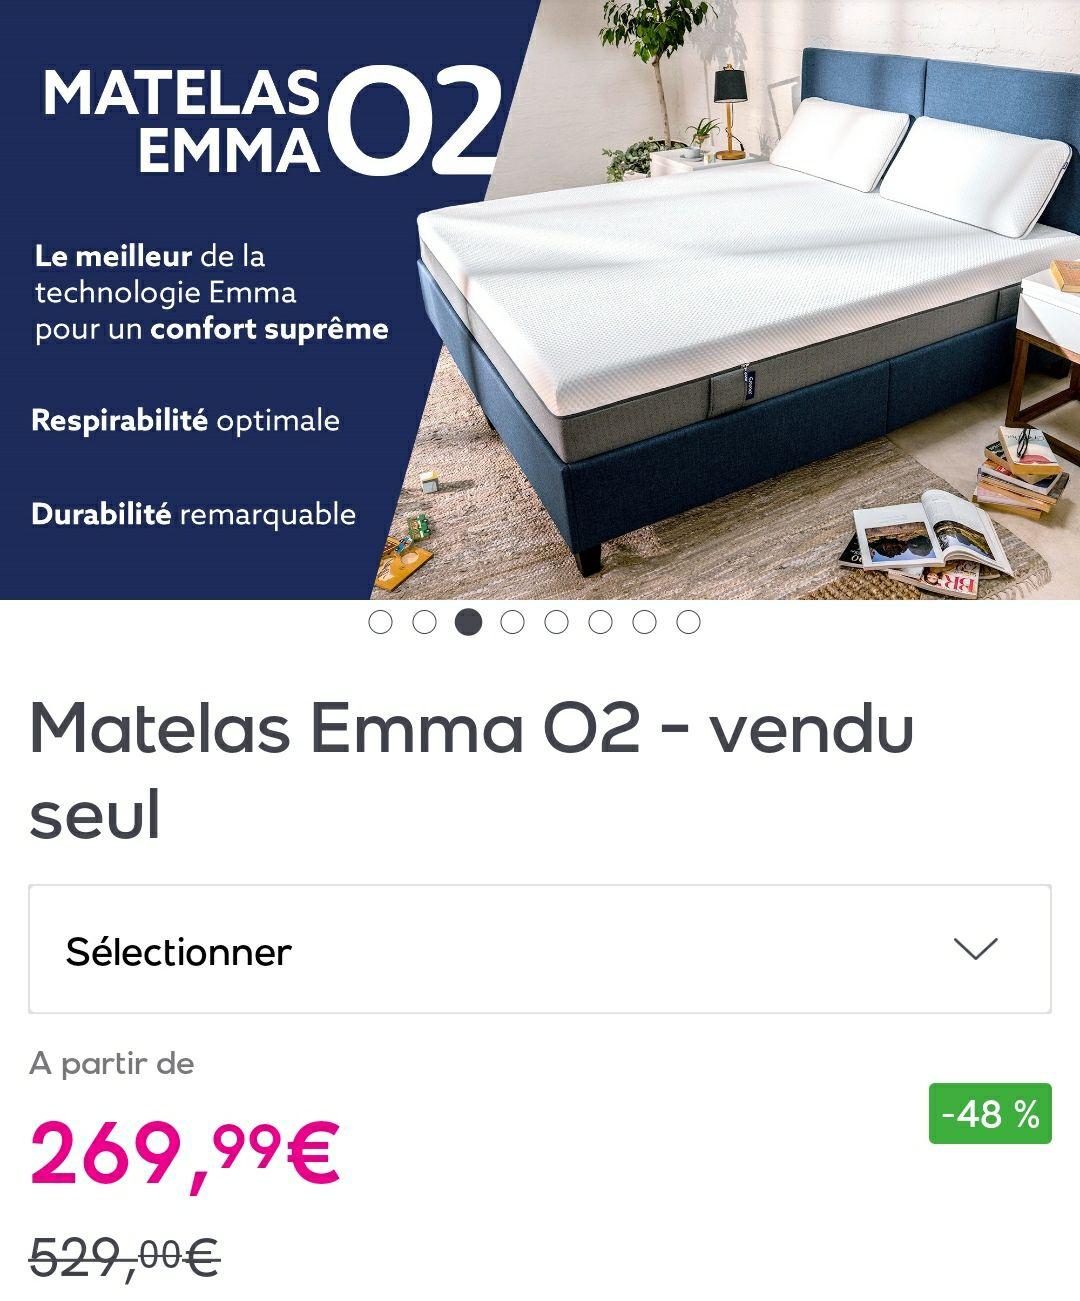 Matelas Emma O2 (Diverses tailles) - Ex : 140x190cm